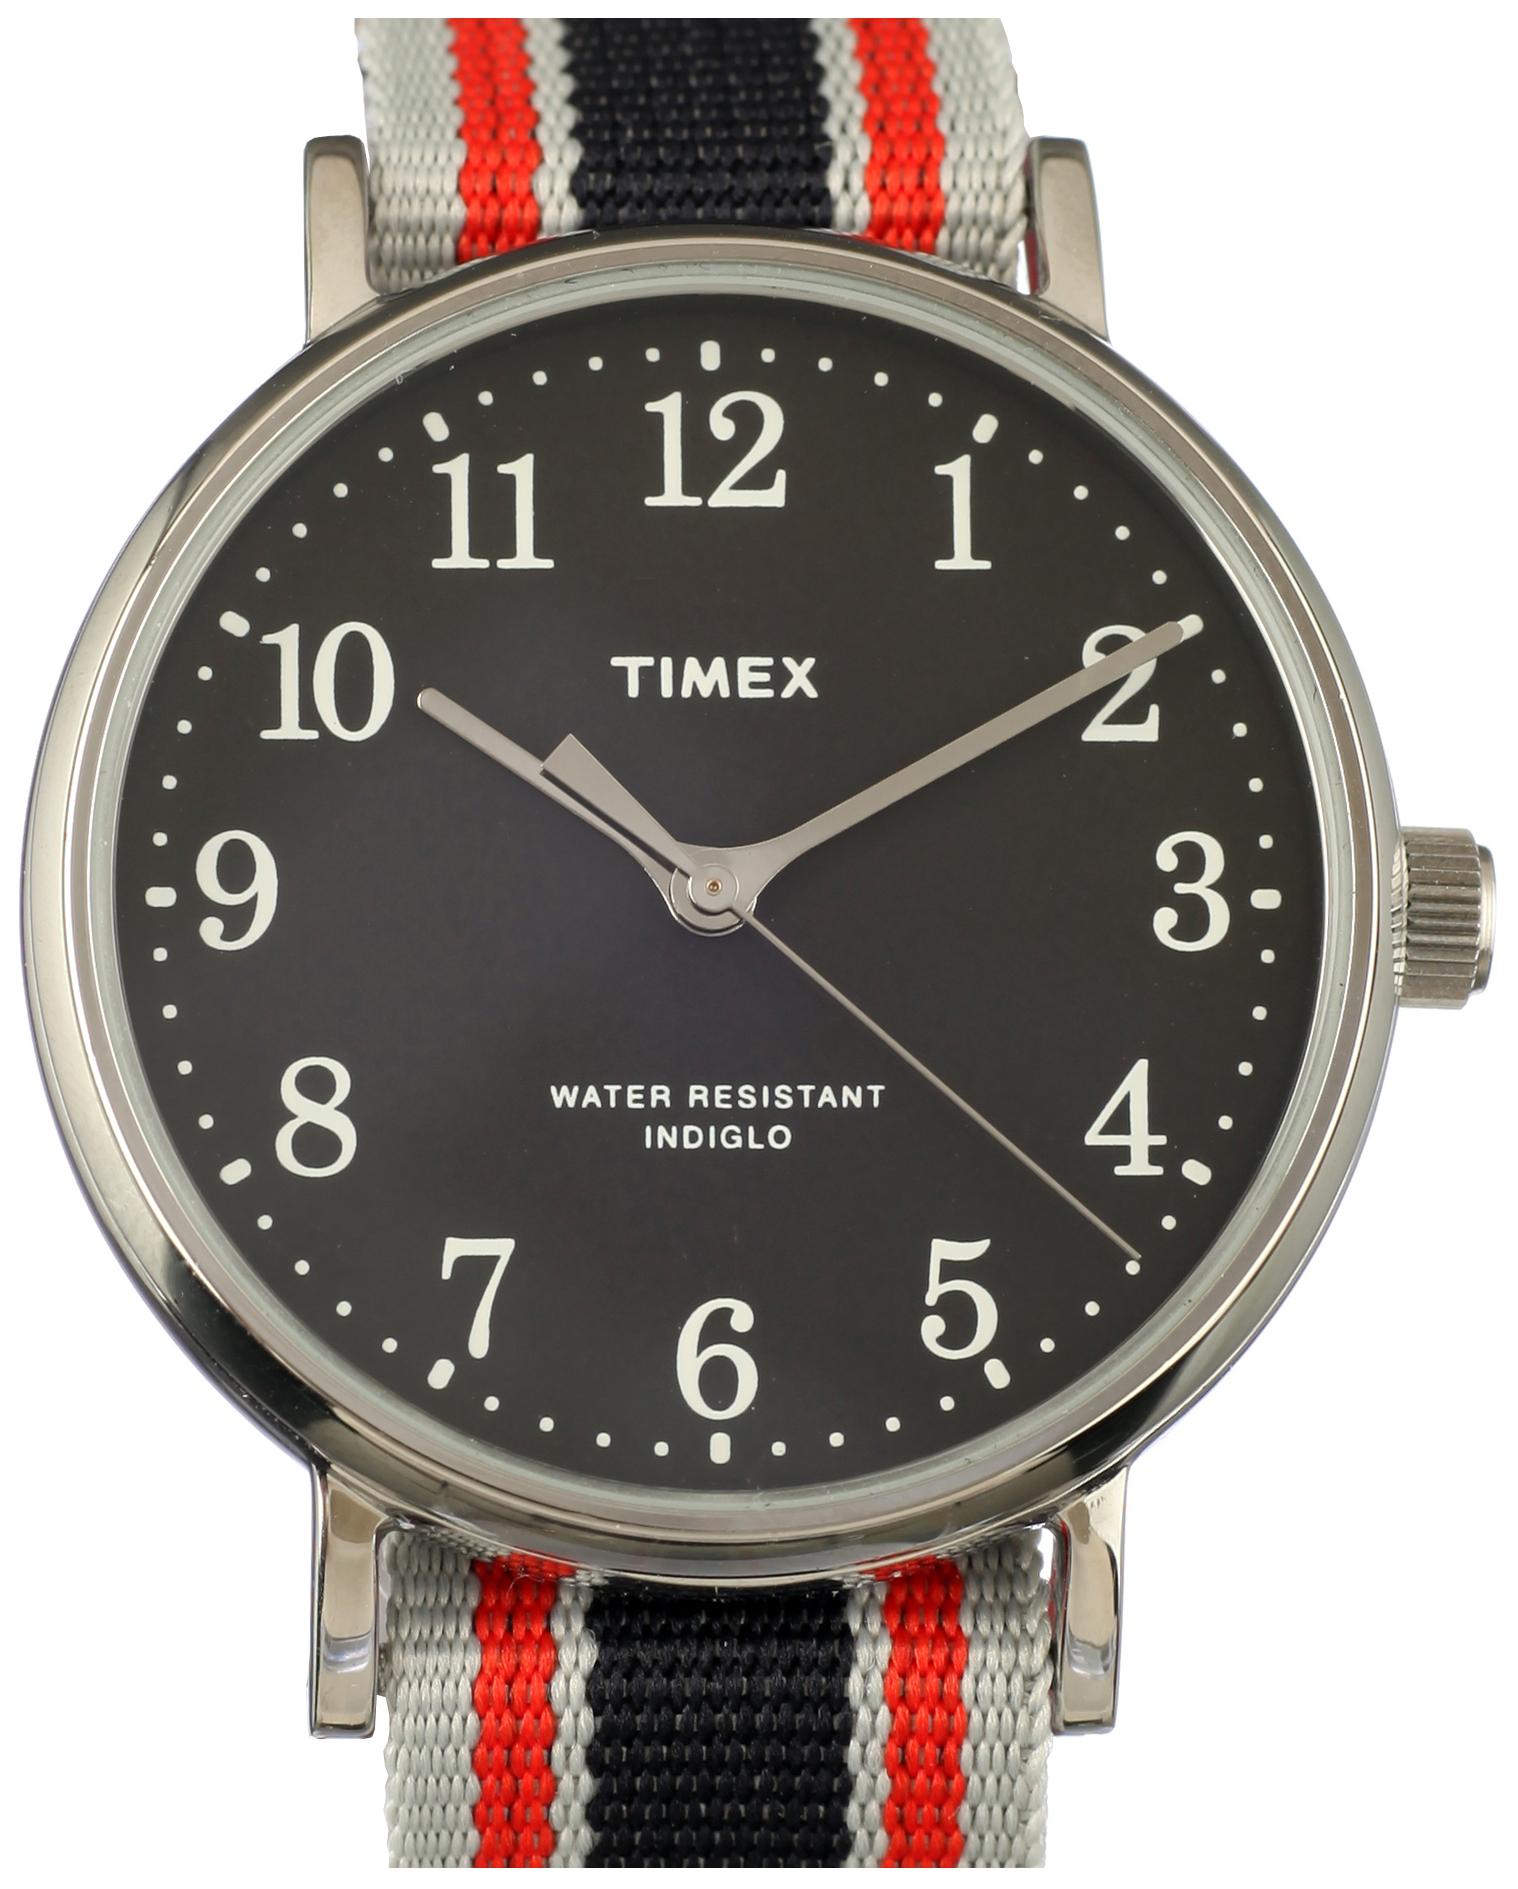 Timex 99999 ABT543 Sort/Tekstil Ø37 mm - Timex